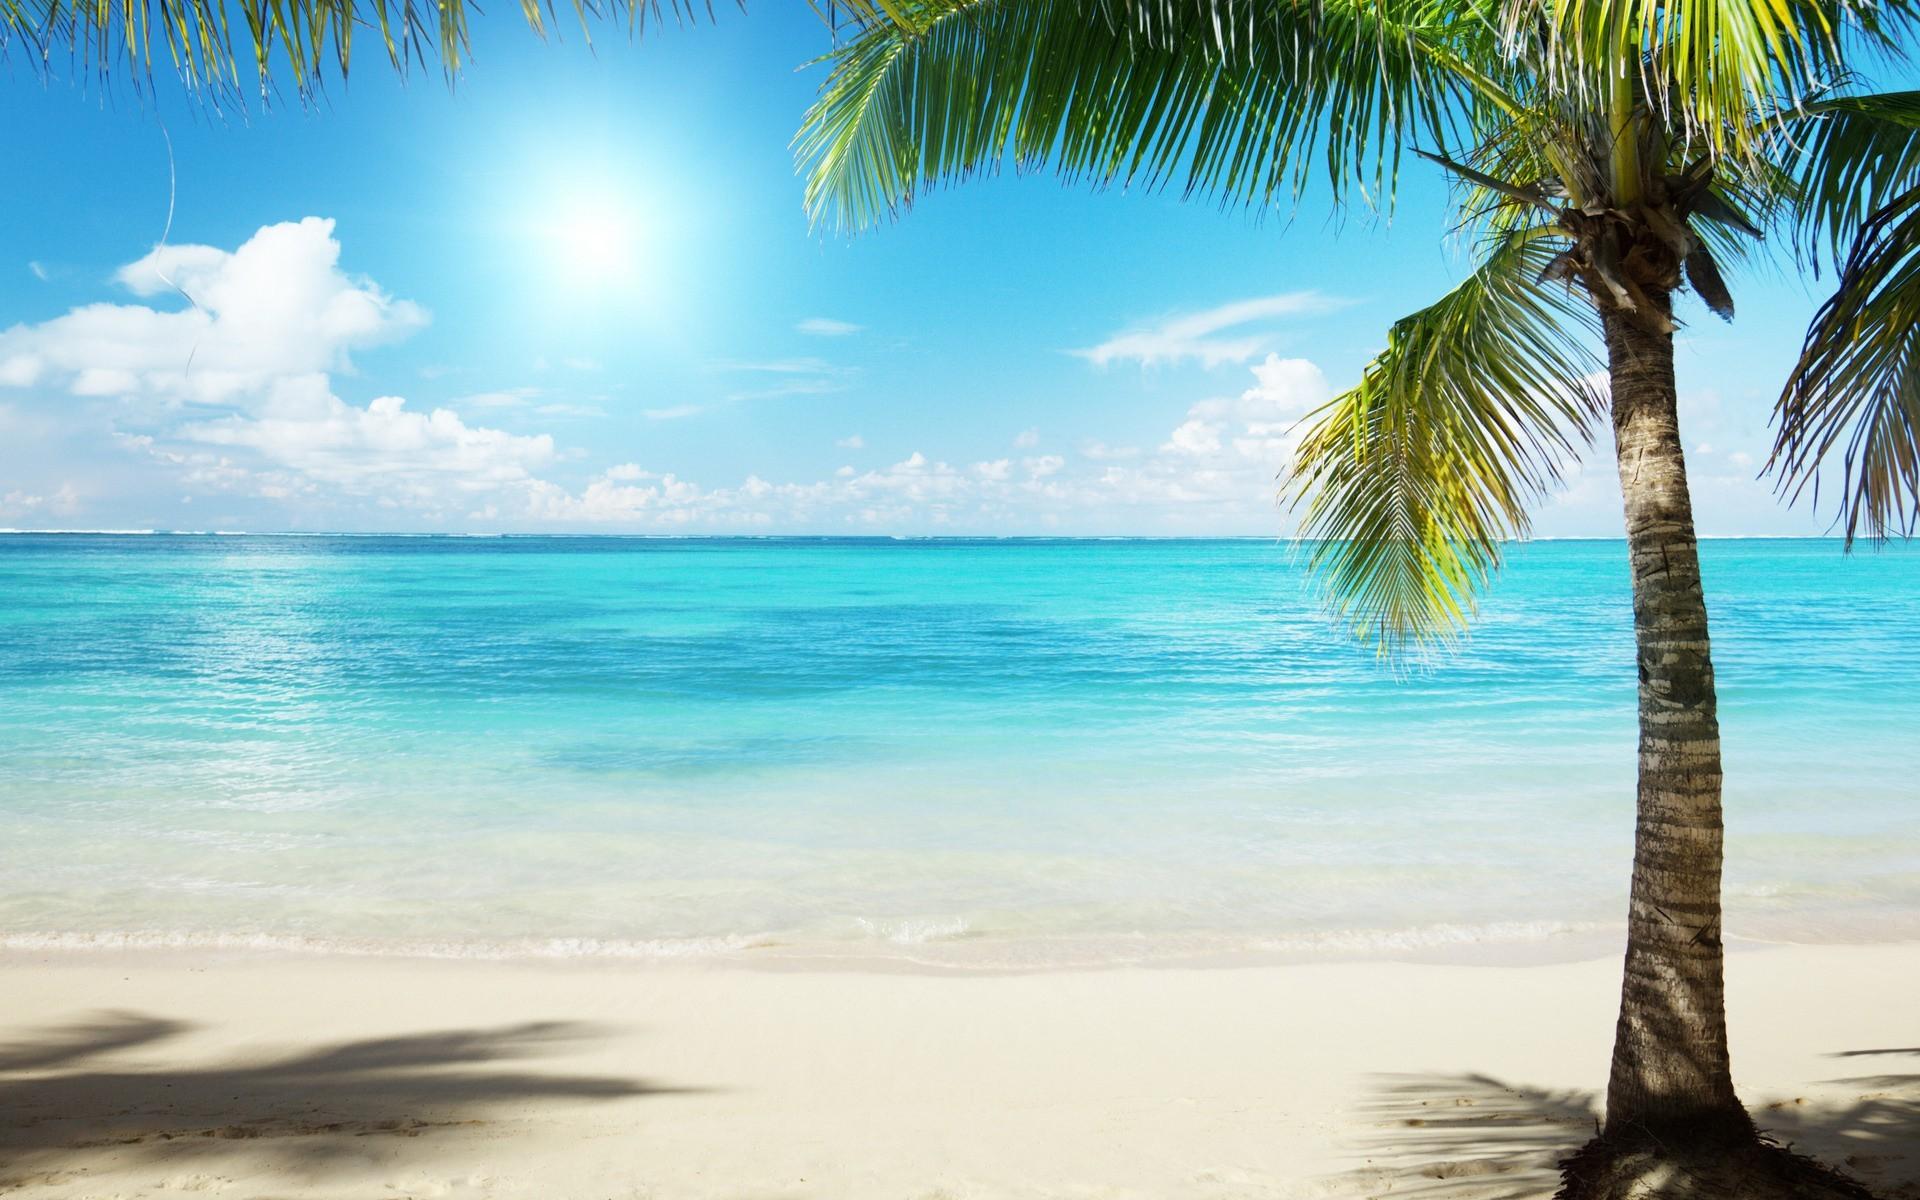 Download Beach Wallpaper 13045 px High Resolution .